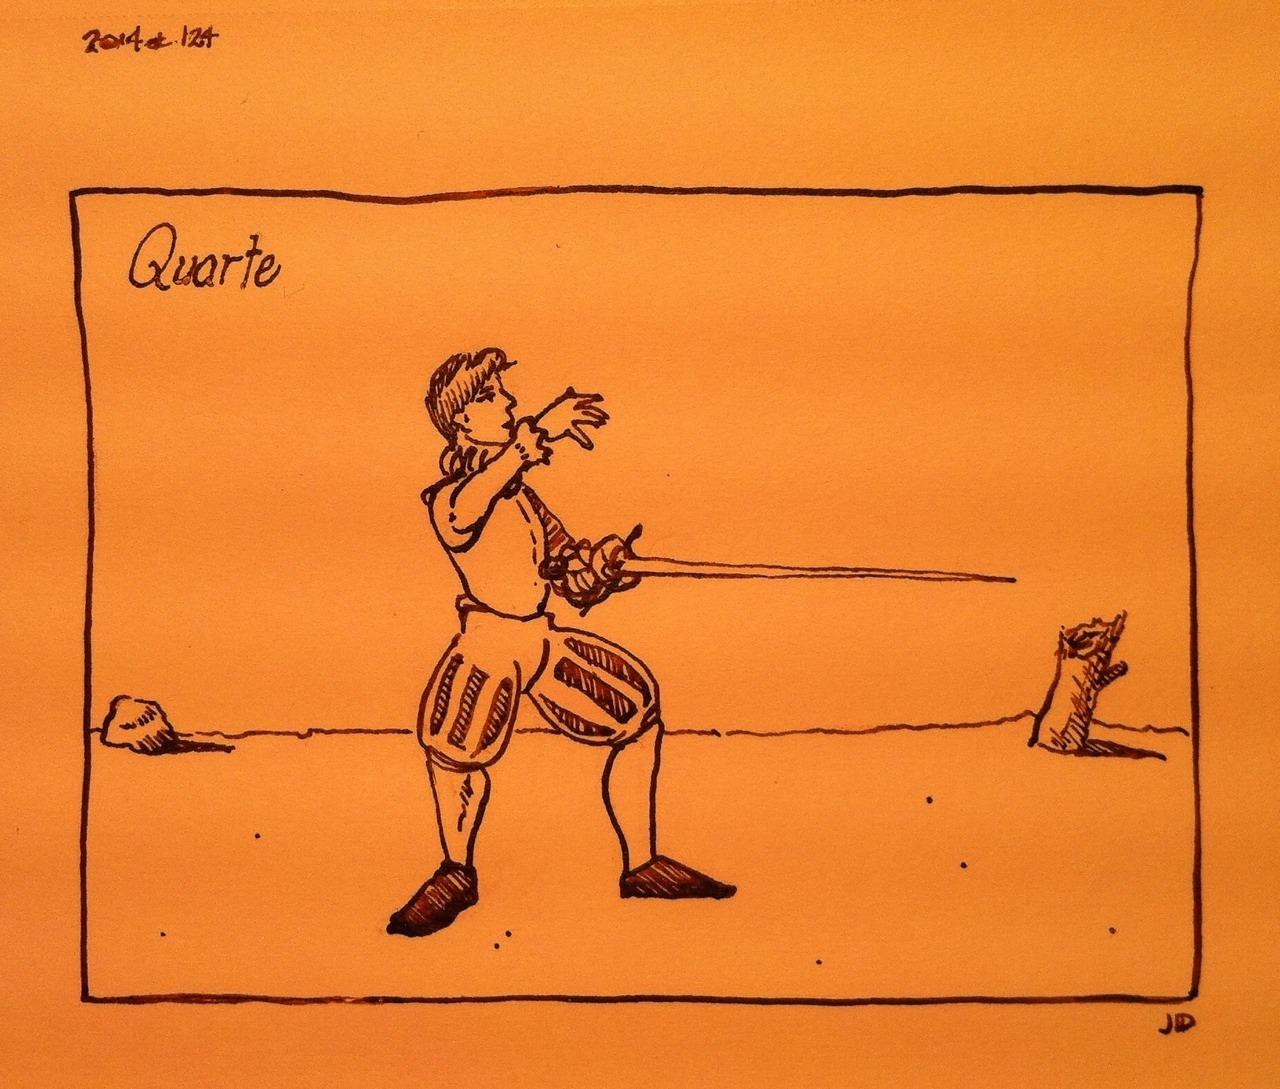 124_Quarte